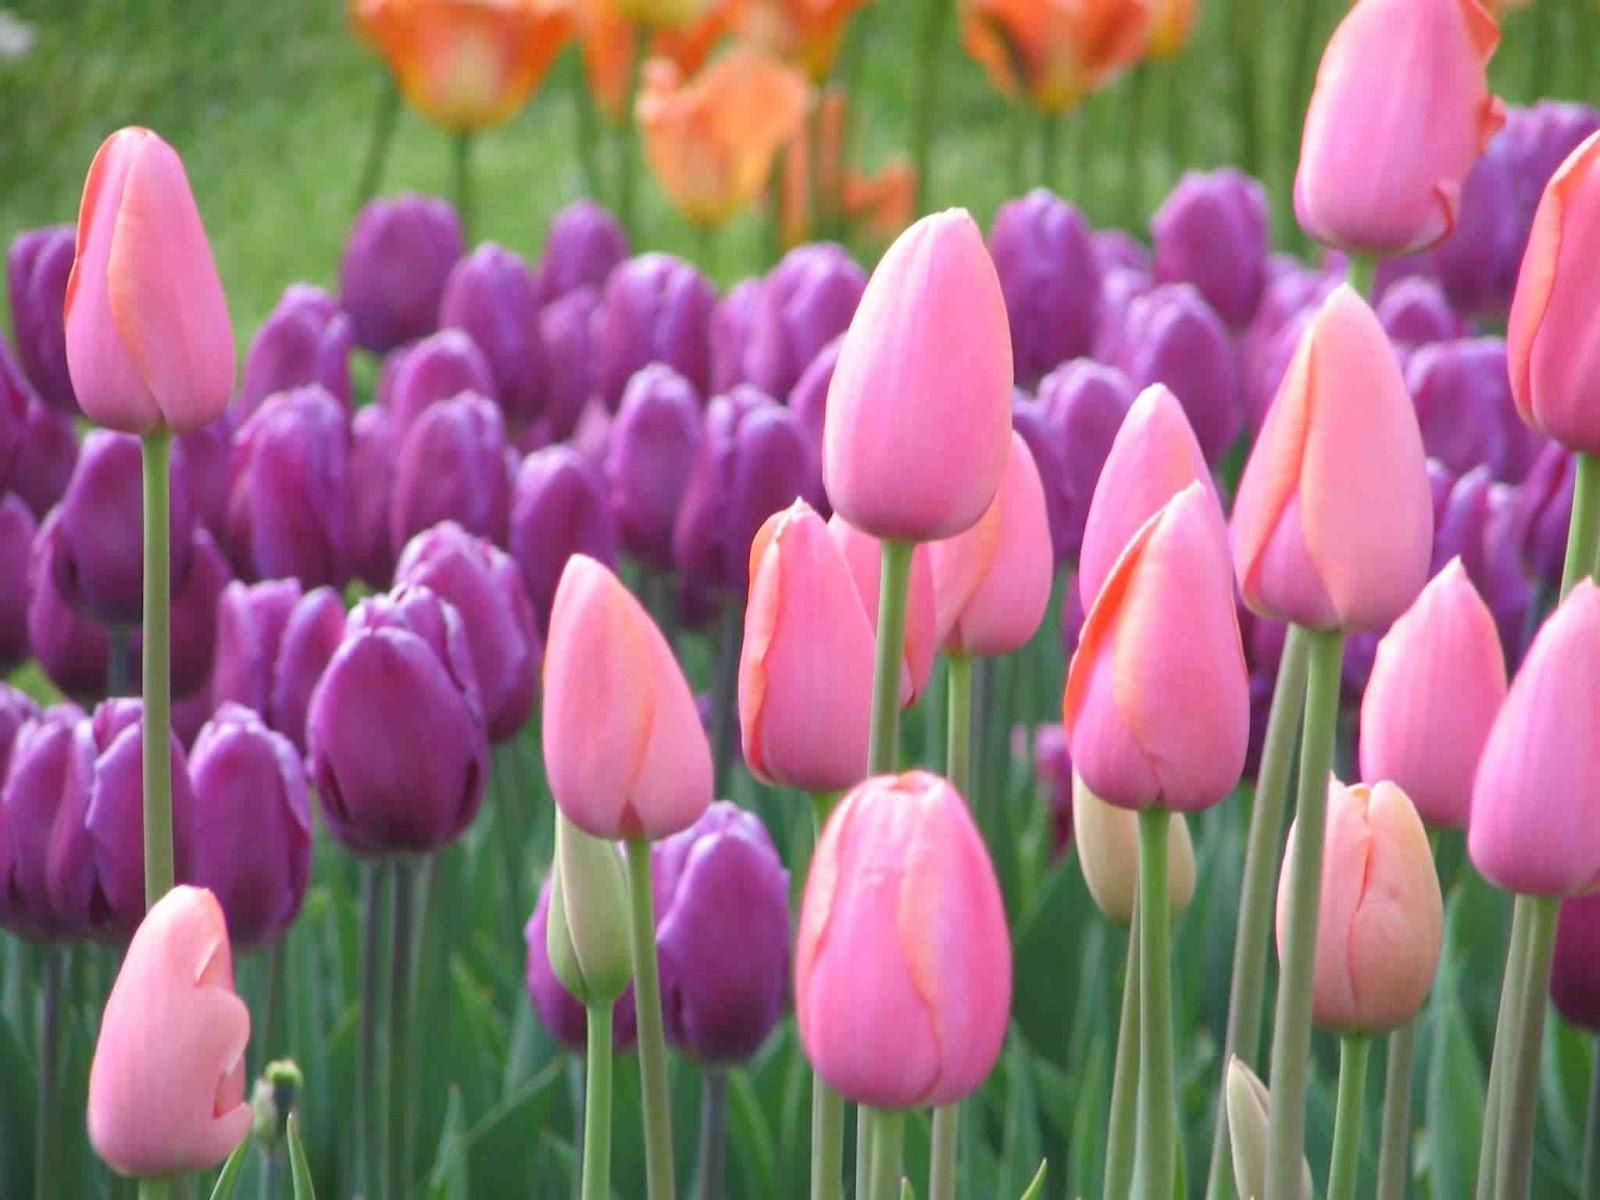 Gambar Taman Bunga Tulip Merah Kumpulan Gambar Gambar  Auto Design Tech